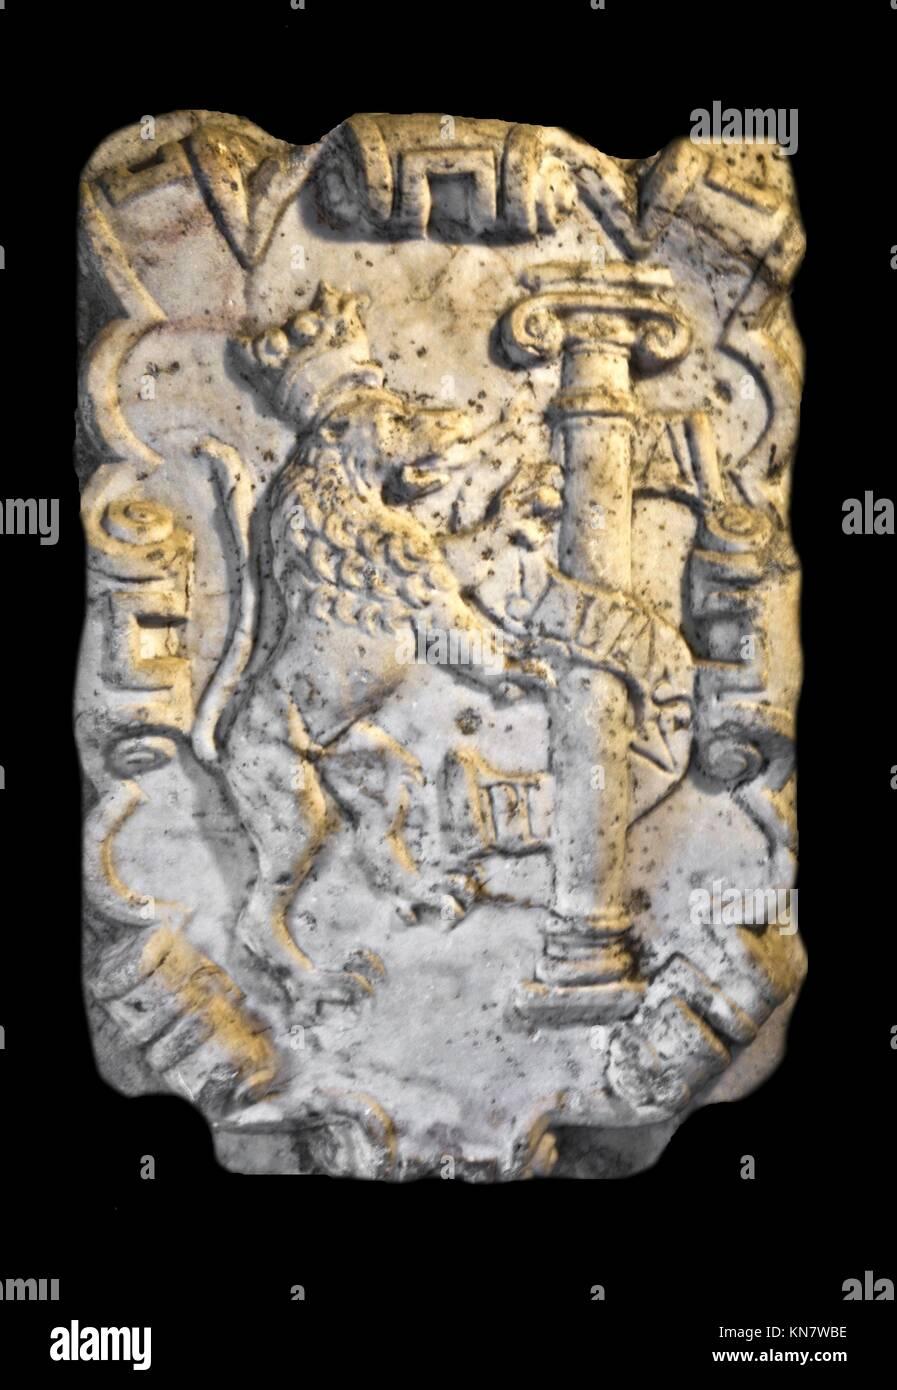 """Wappen der Provinz Badajoz (Spanien): Azure, eine Spalte, Silber, Farbband, gold, mit dem Motto """"PLUS ULTRA"""" Stockbild"""